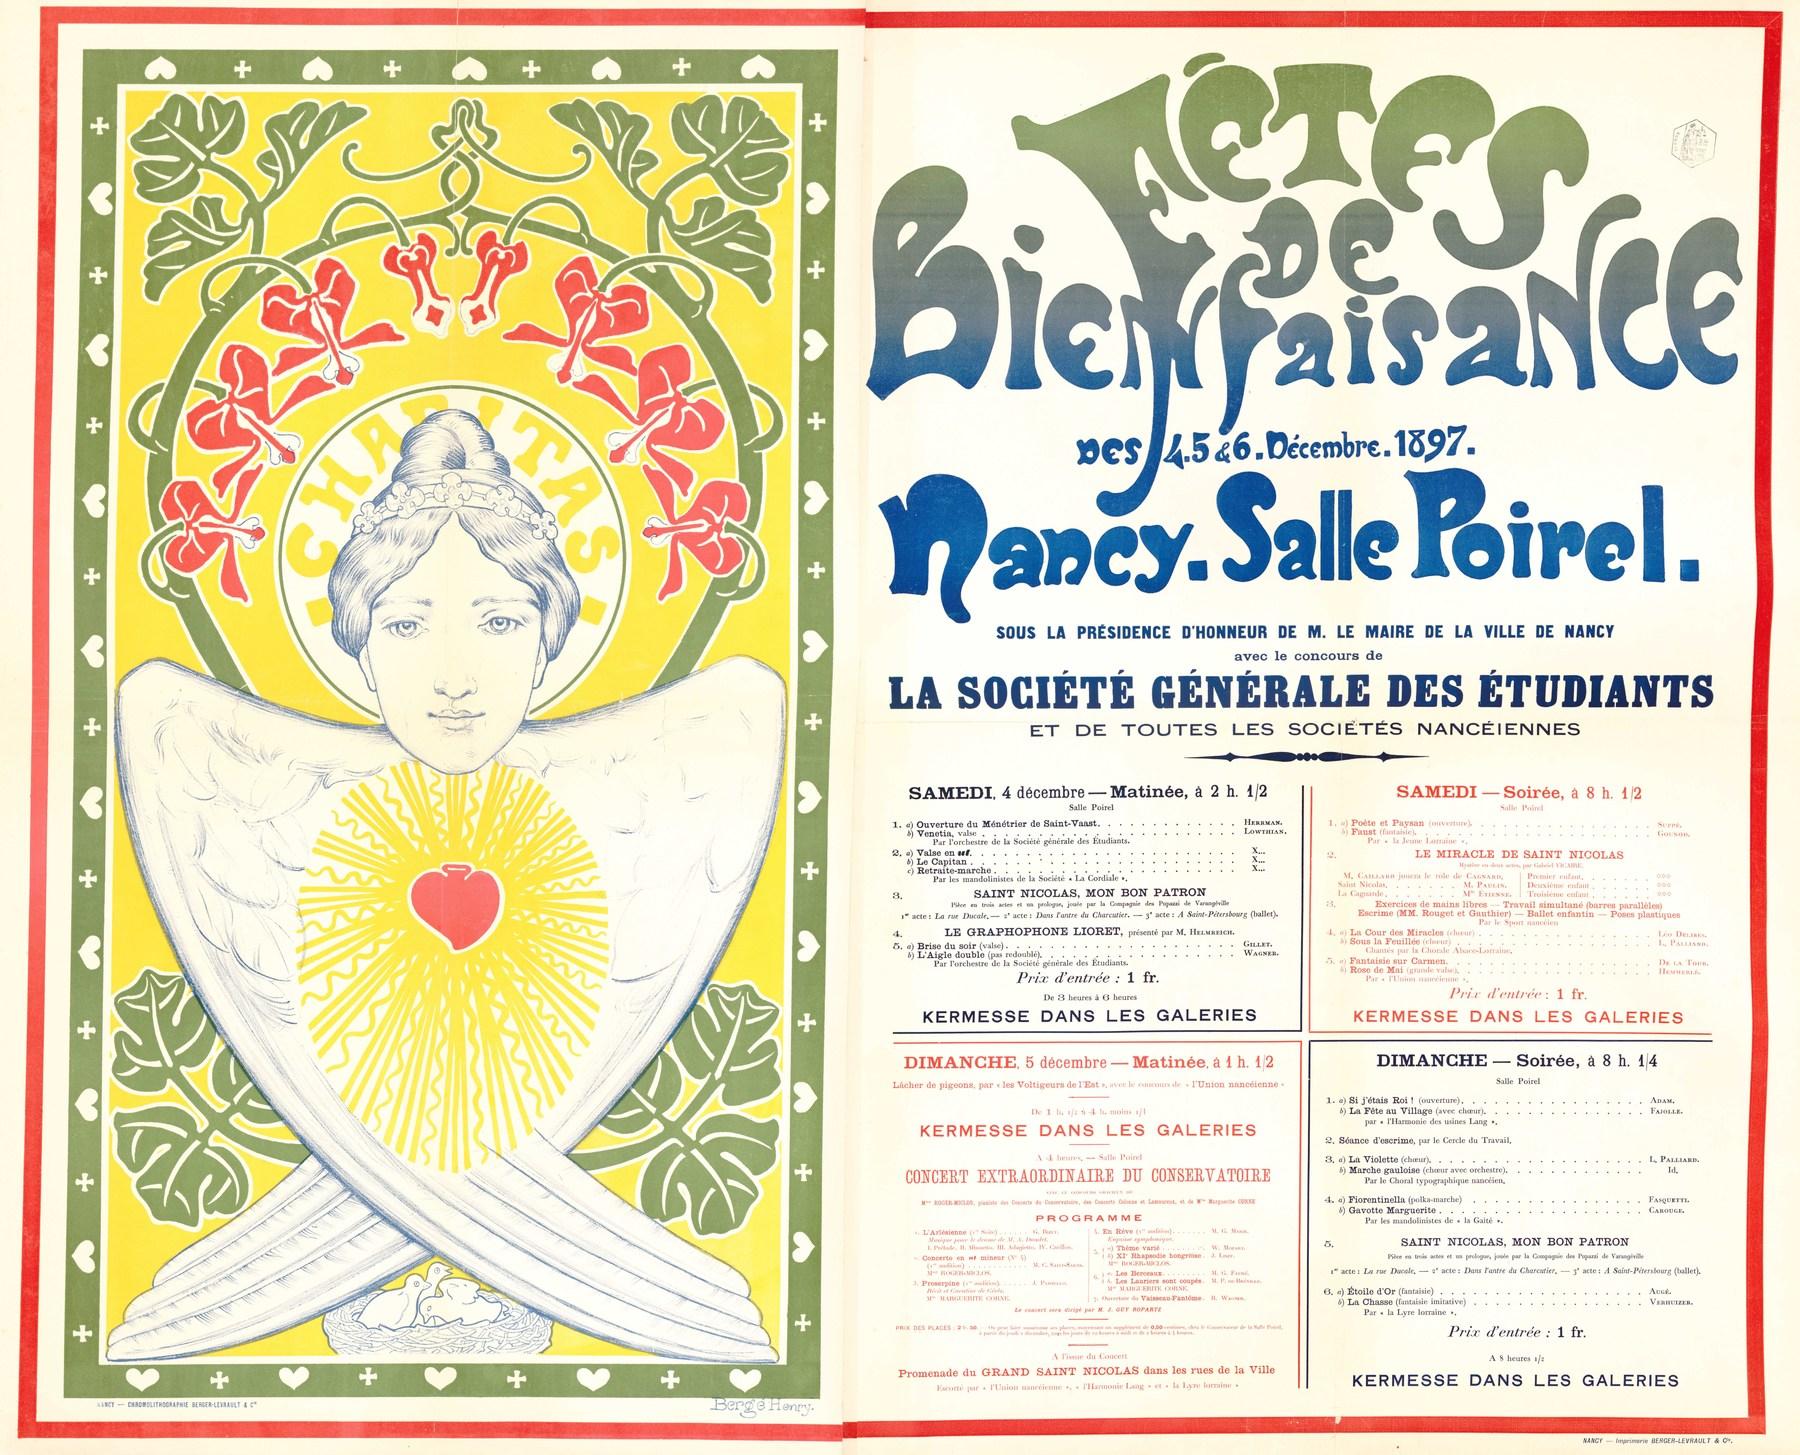 Contenu du Fêtes de bienfaisance des 4, 5 & 6 décembre 1897 Nancy , salle Poirel